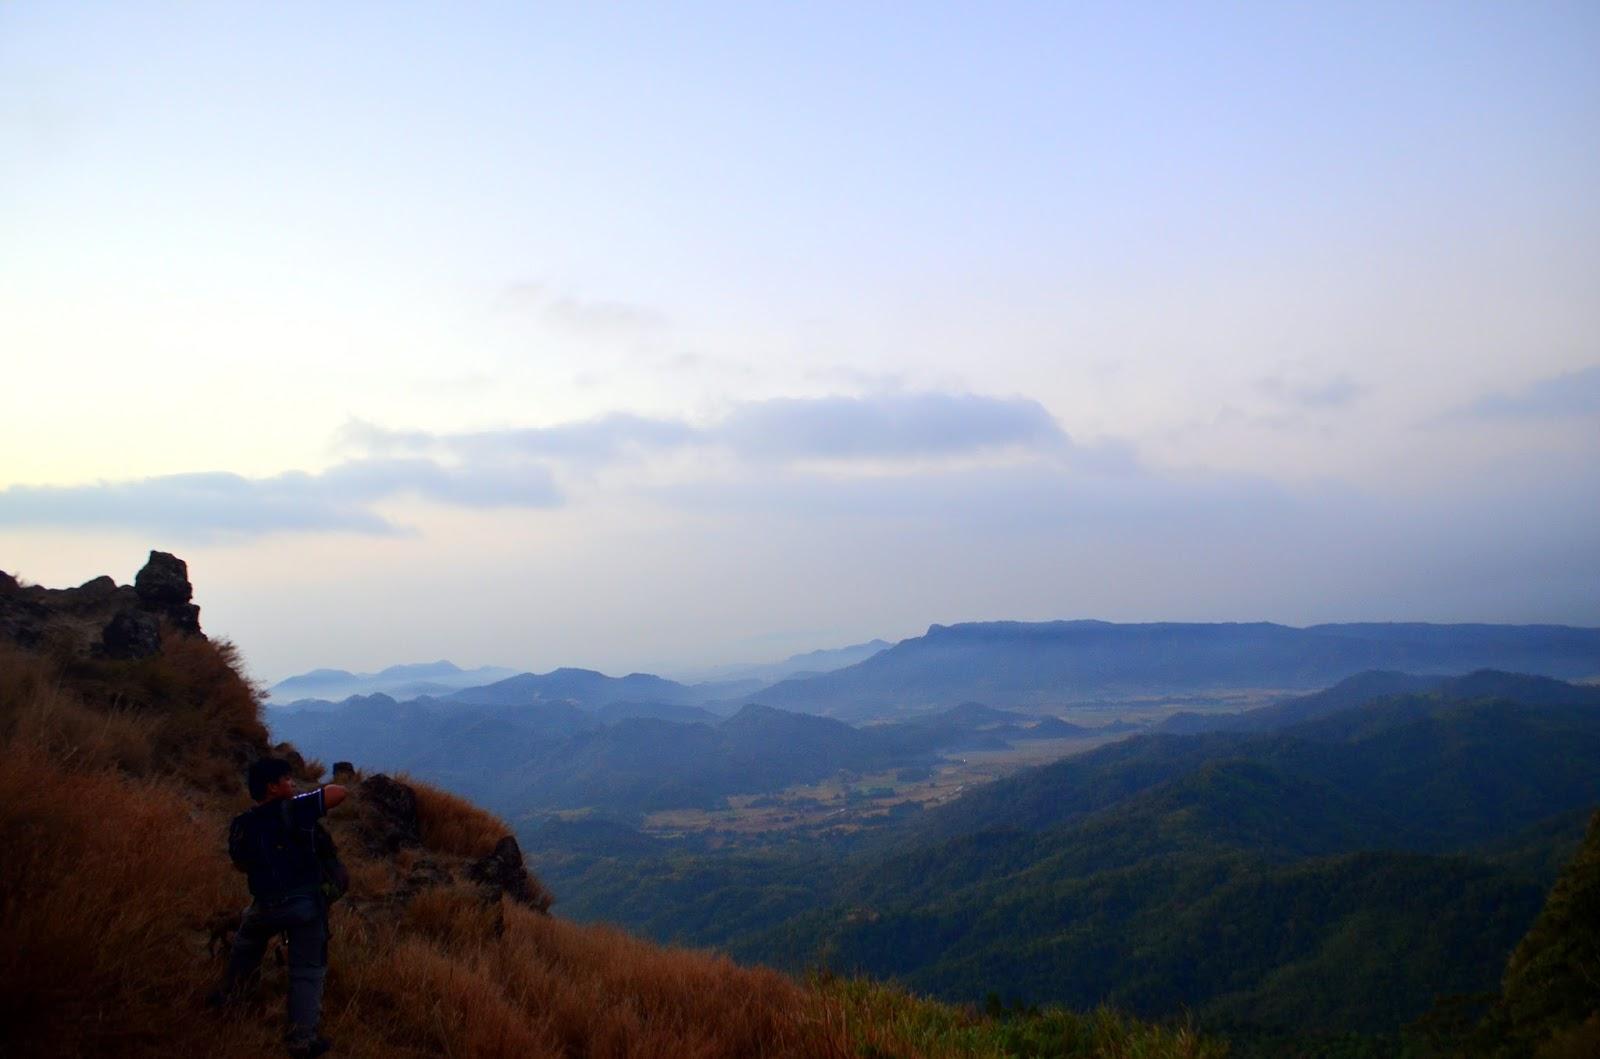 Pico De Loro campsite